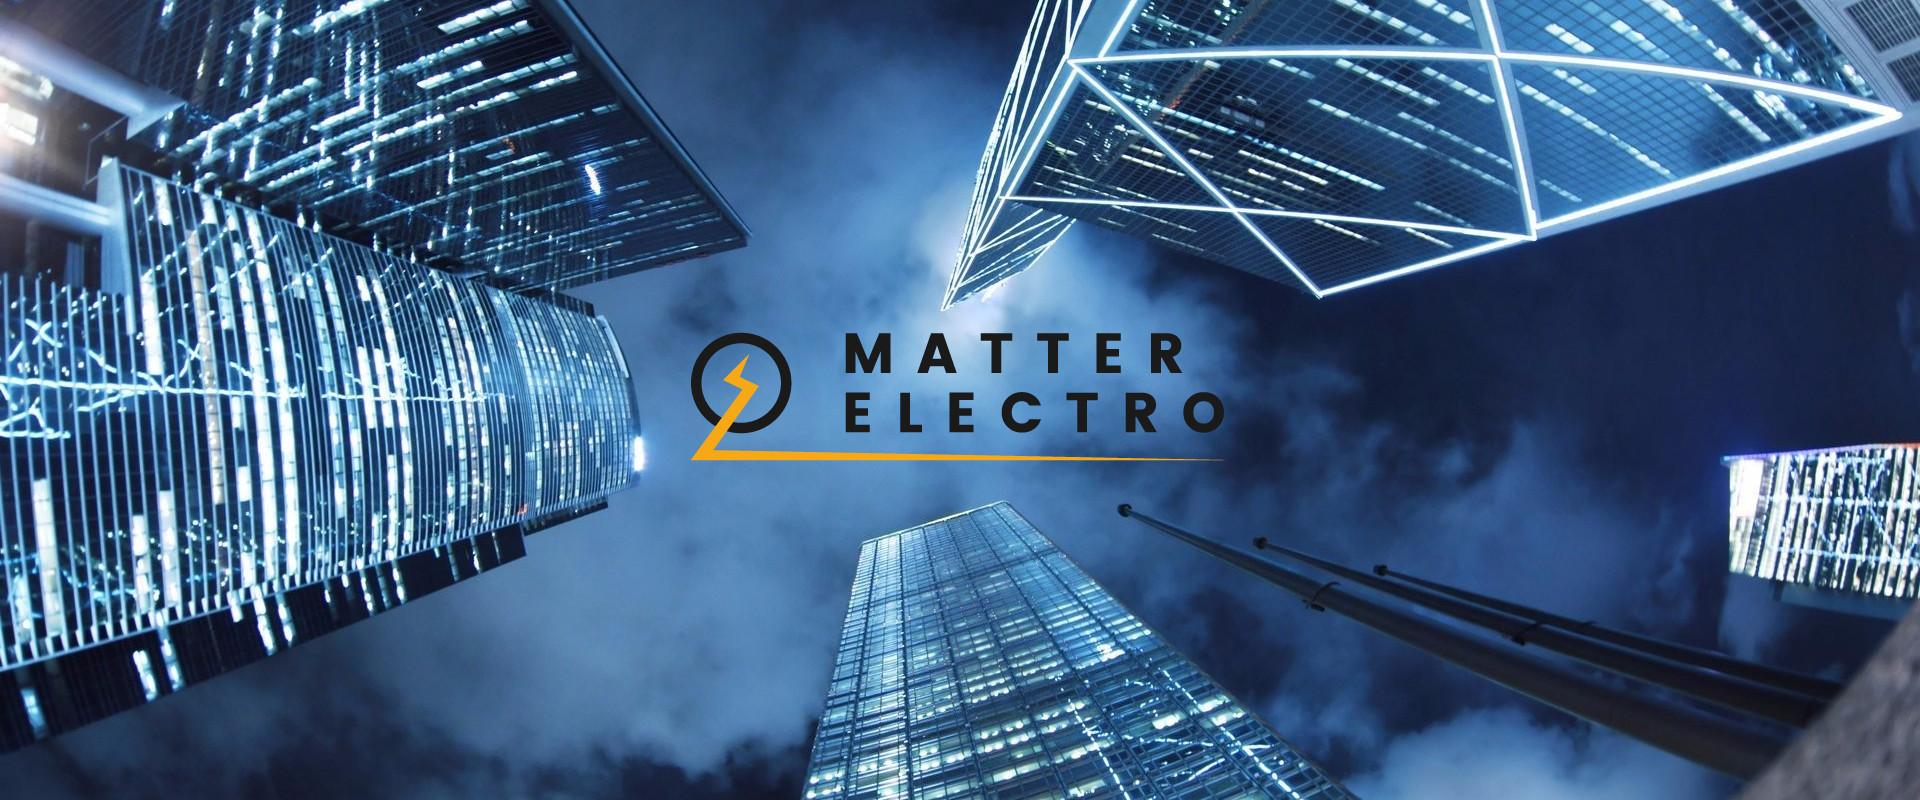 Matter Electro